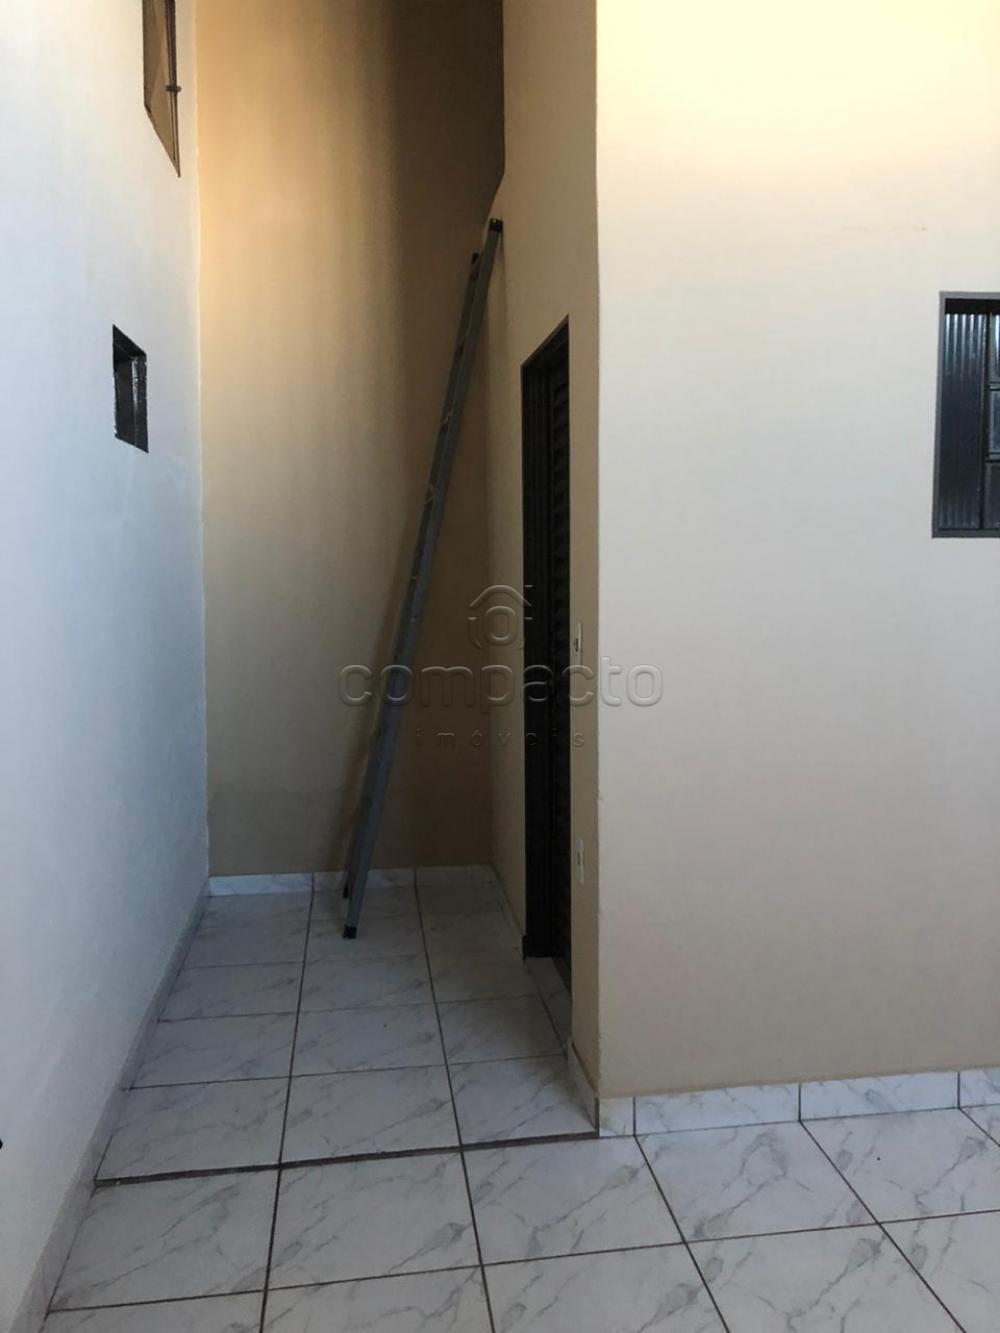 Comprar Casa / Padrão em Mirassol apenas R$ 275.000,00 - Foto 21